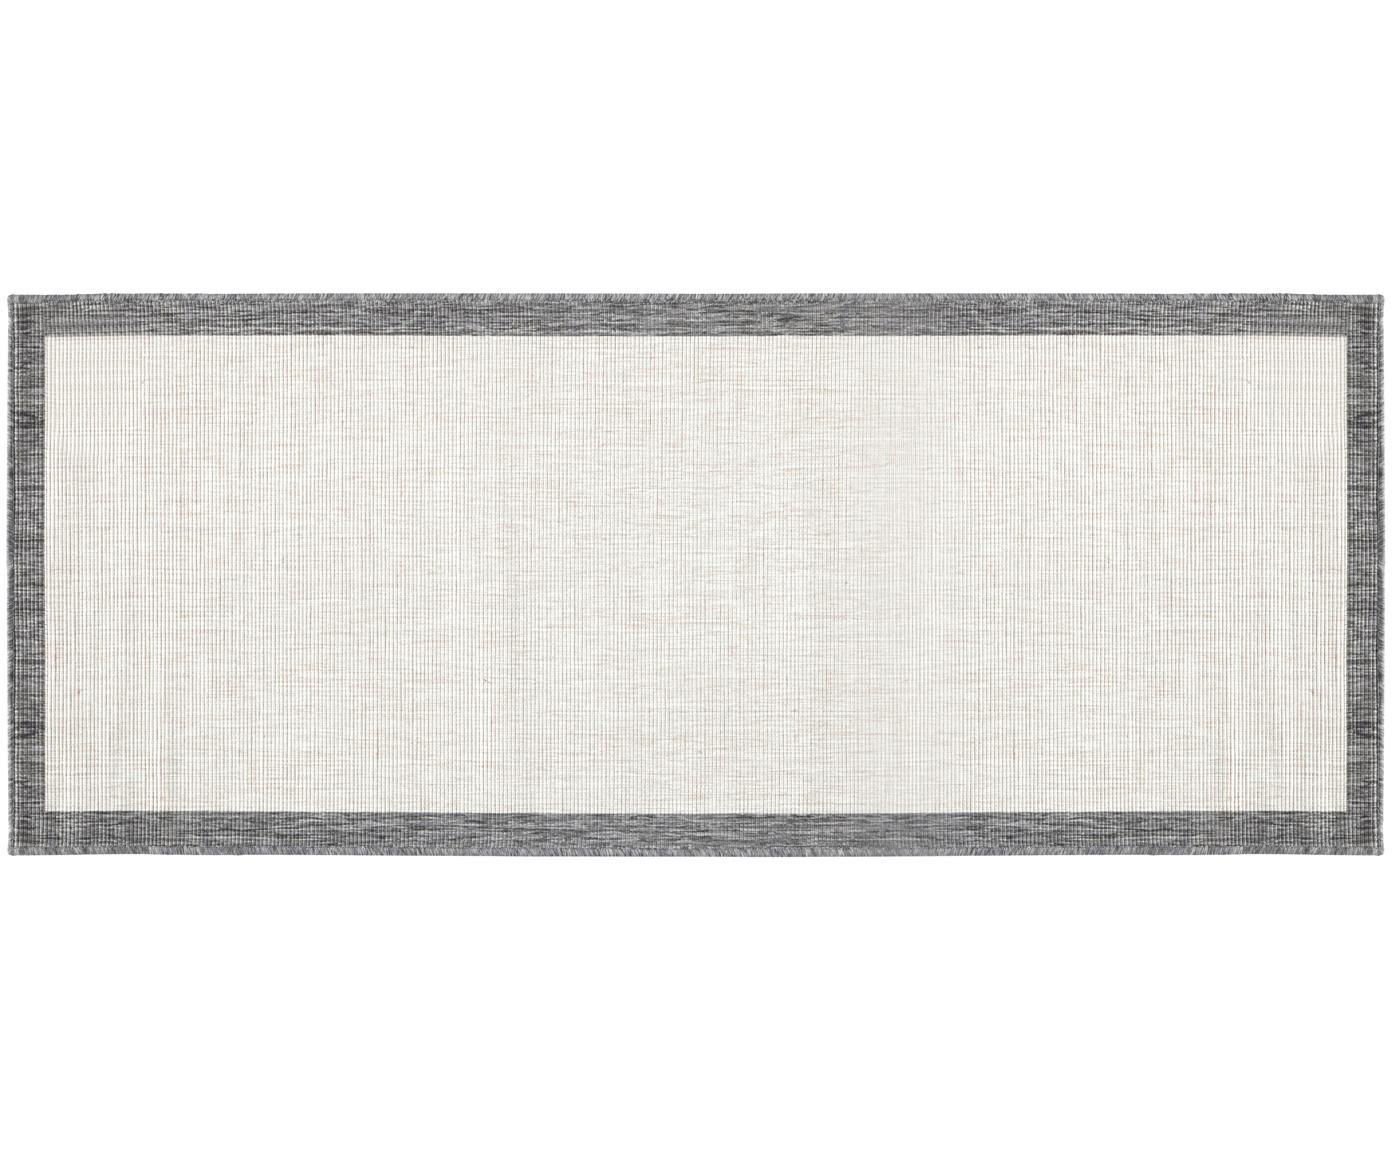 Dubbelzijdige in- & outdoor loper Panama, Grijs, crèmekleurig, 80 x 250 cm